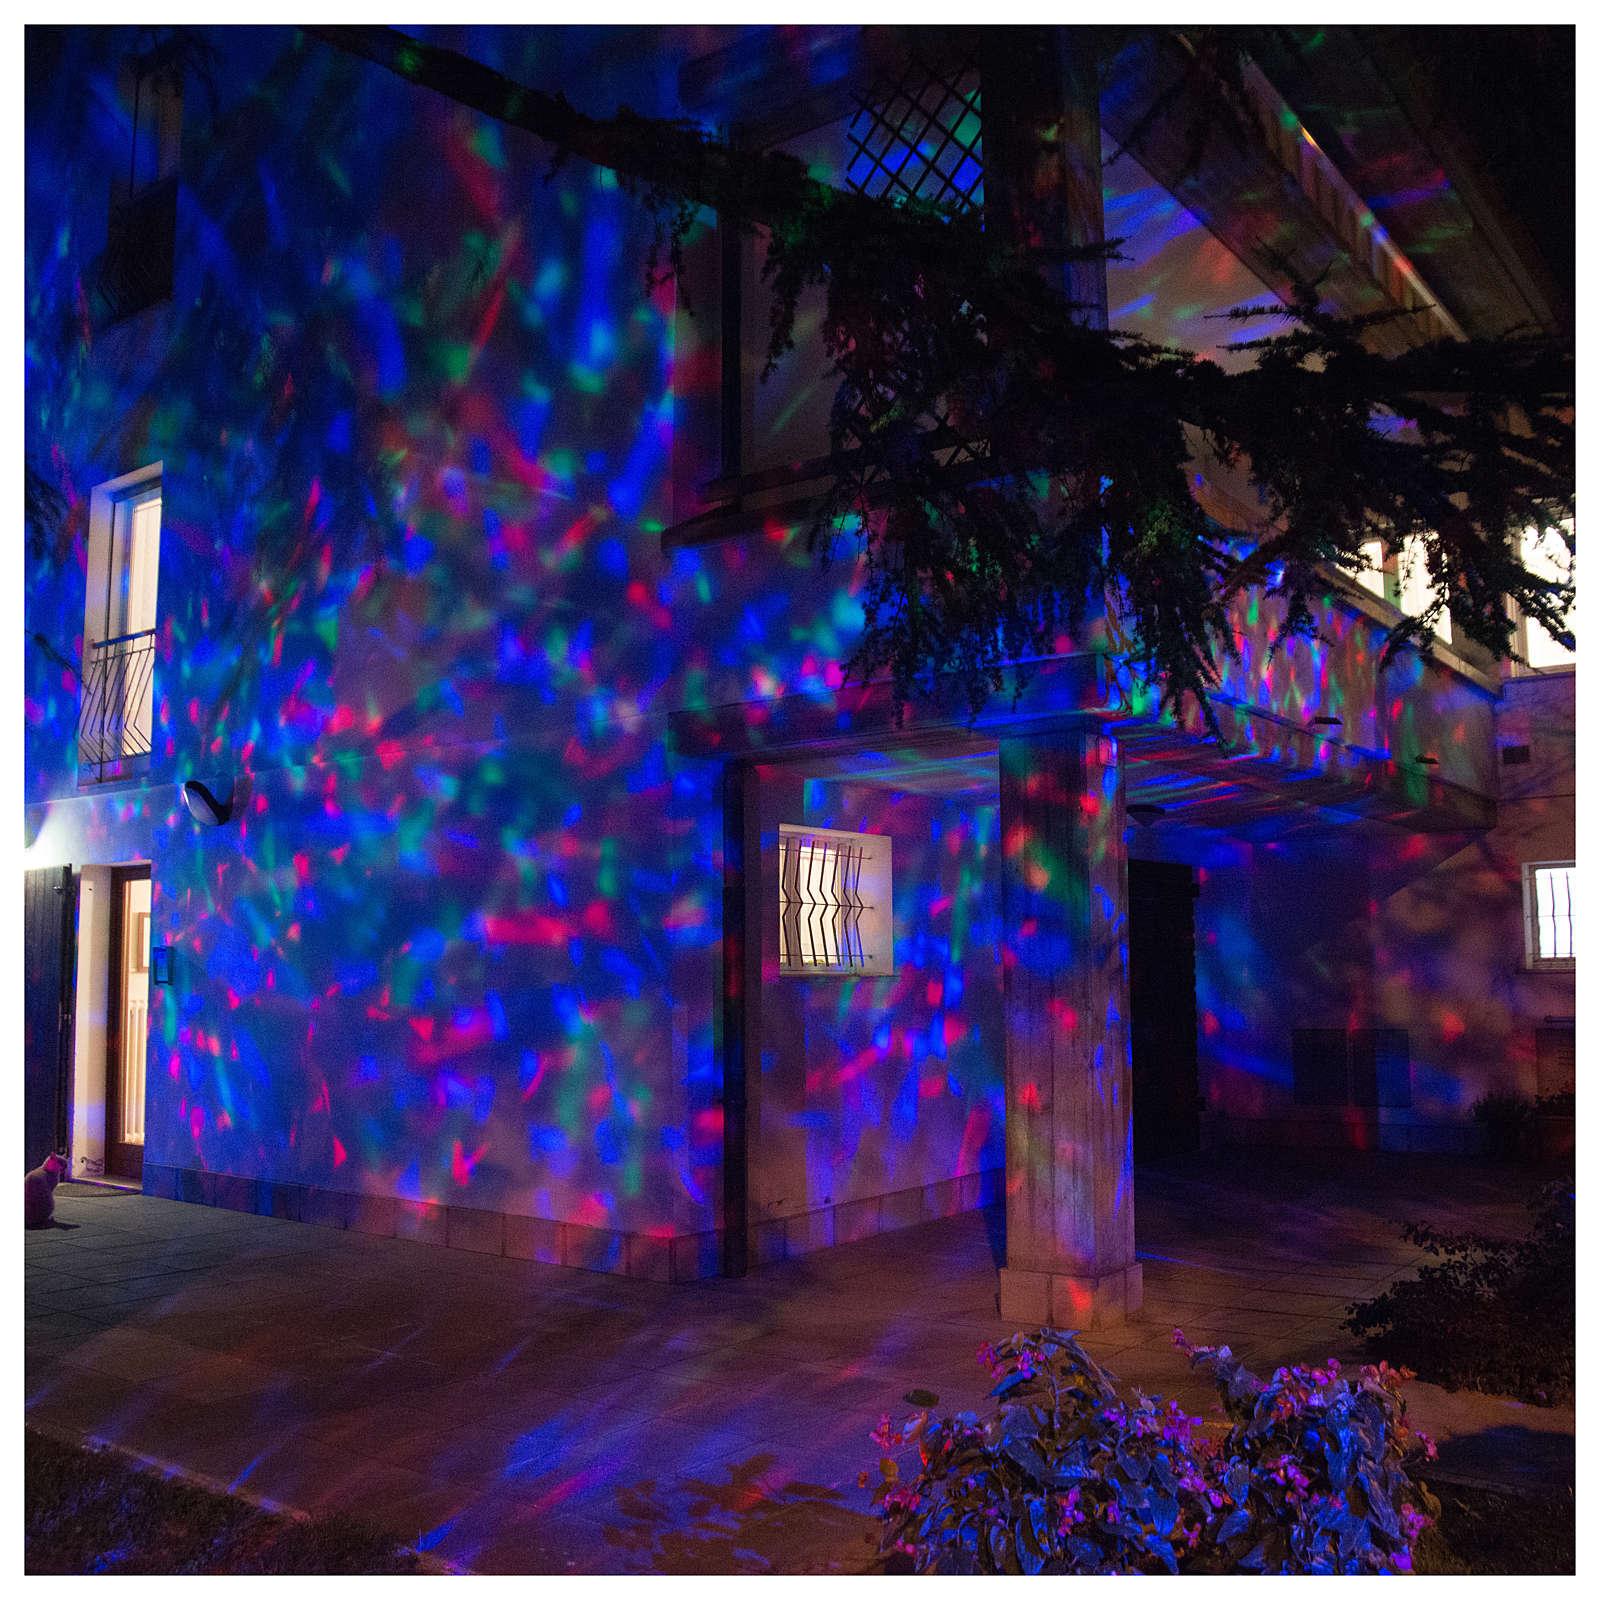 Proyector 3 luces LED olas efecto agua multicolor interior y exterior 3